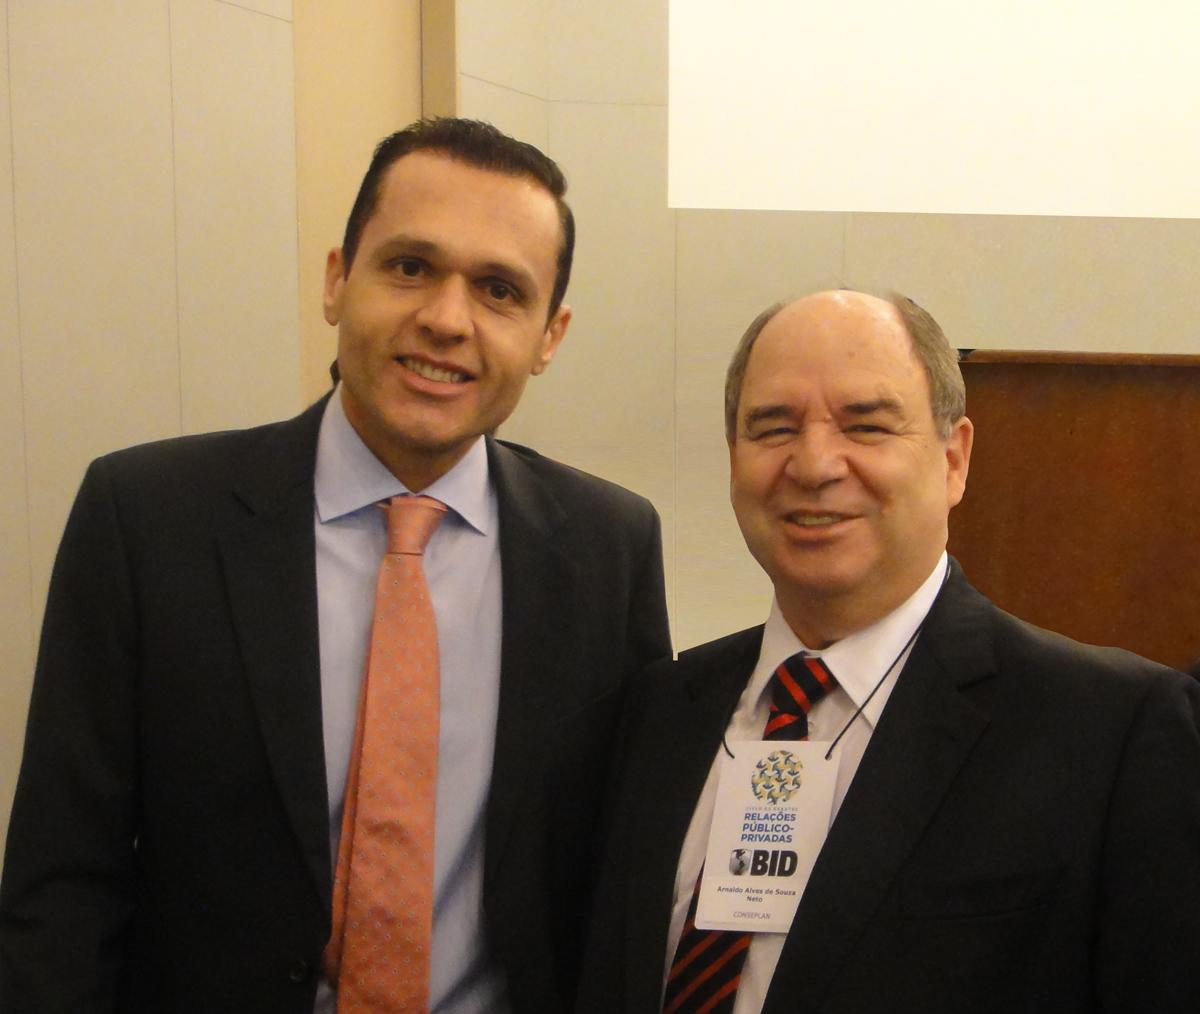 Evento do BID debate relações público-privadas em Brasília